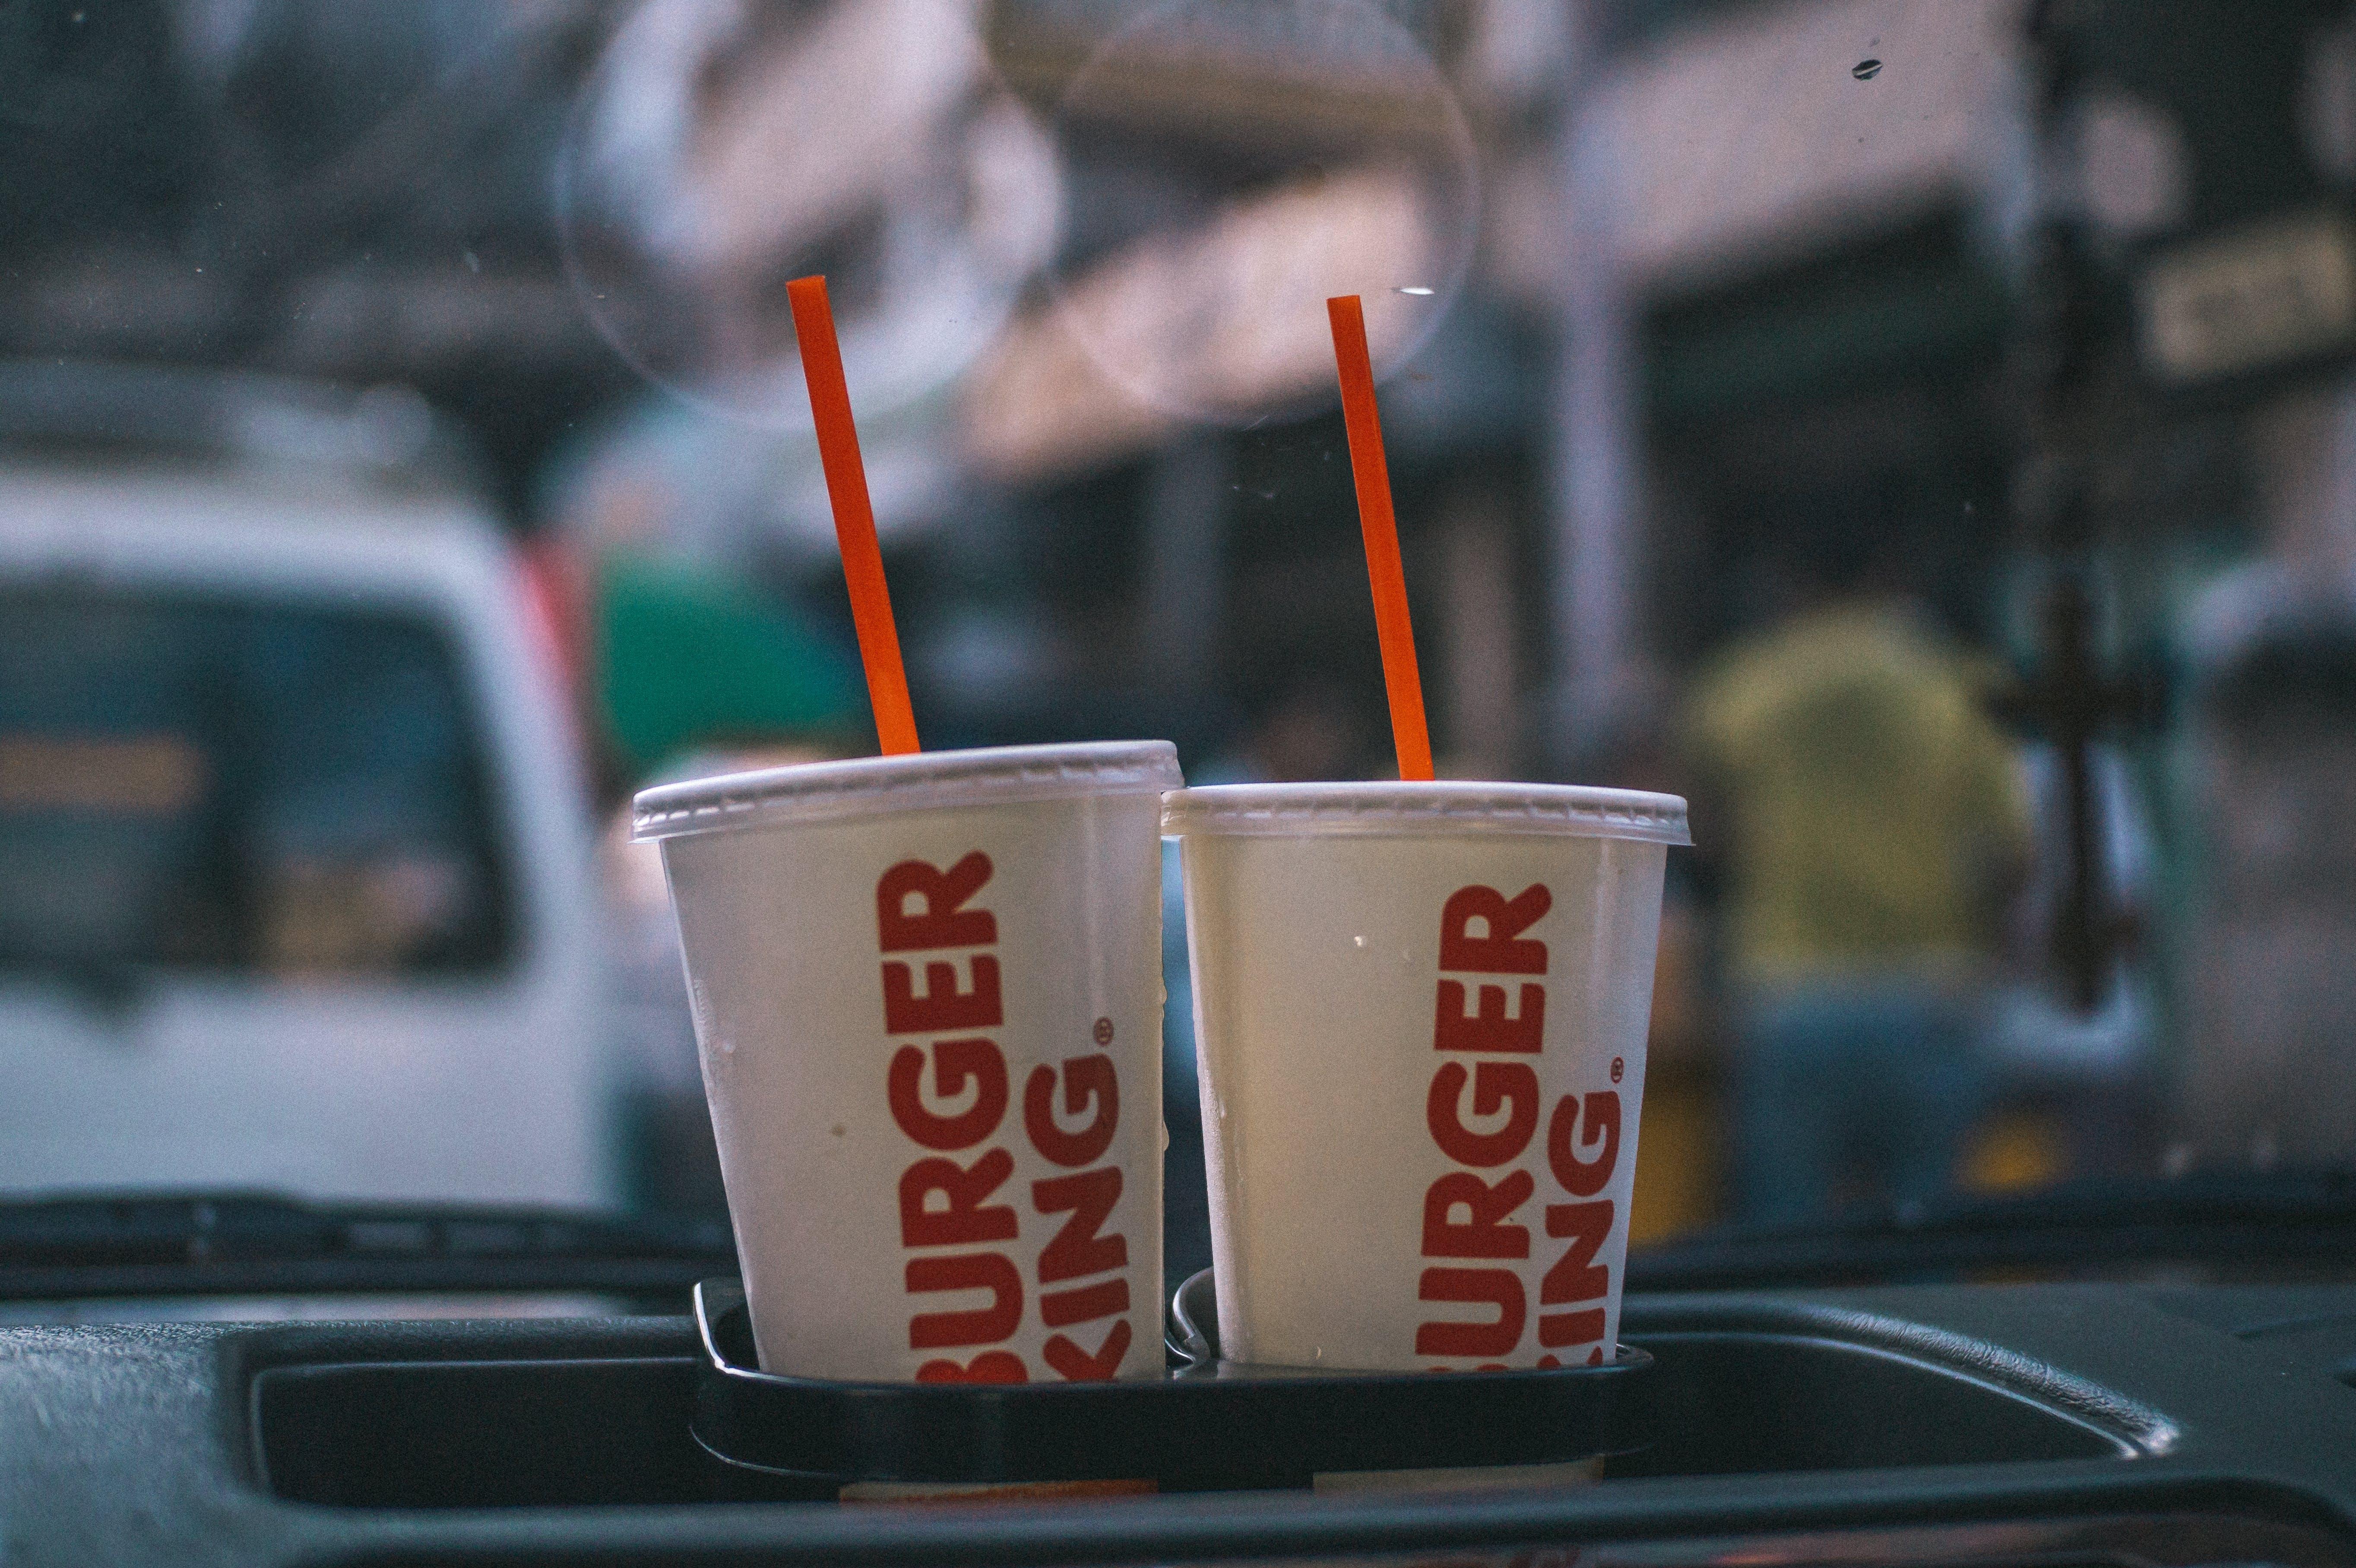 burger king, thirsty